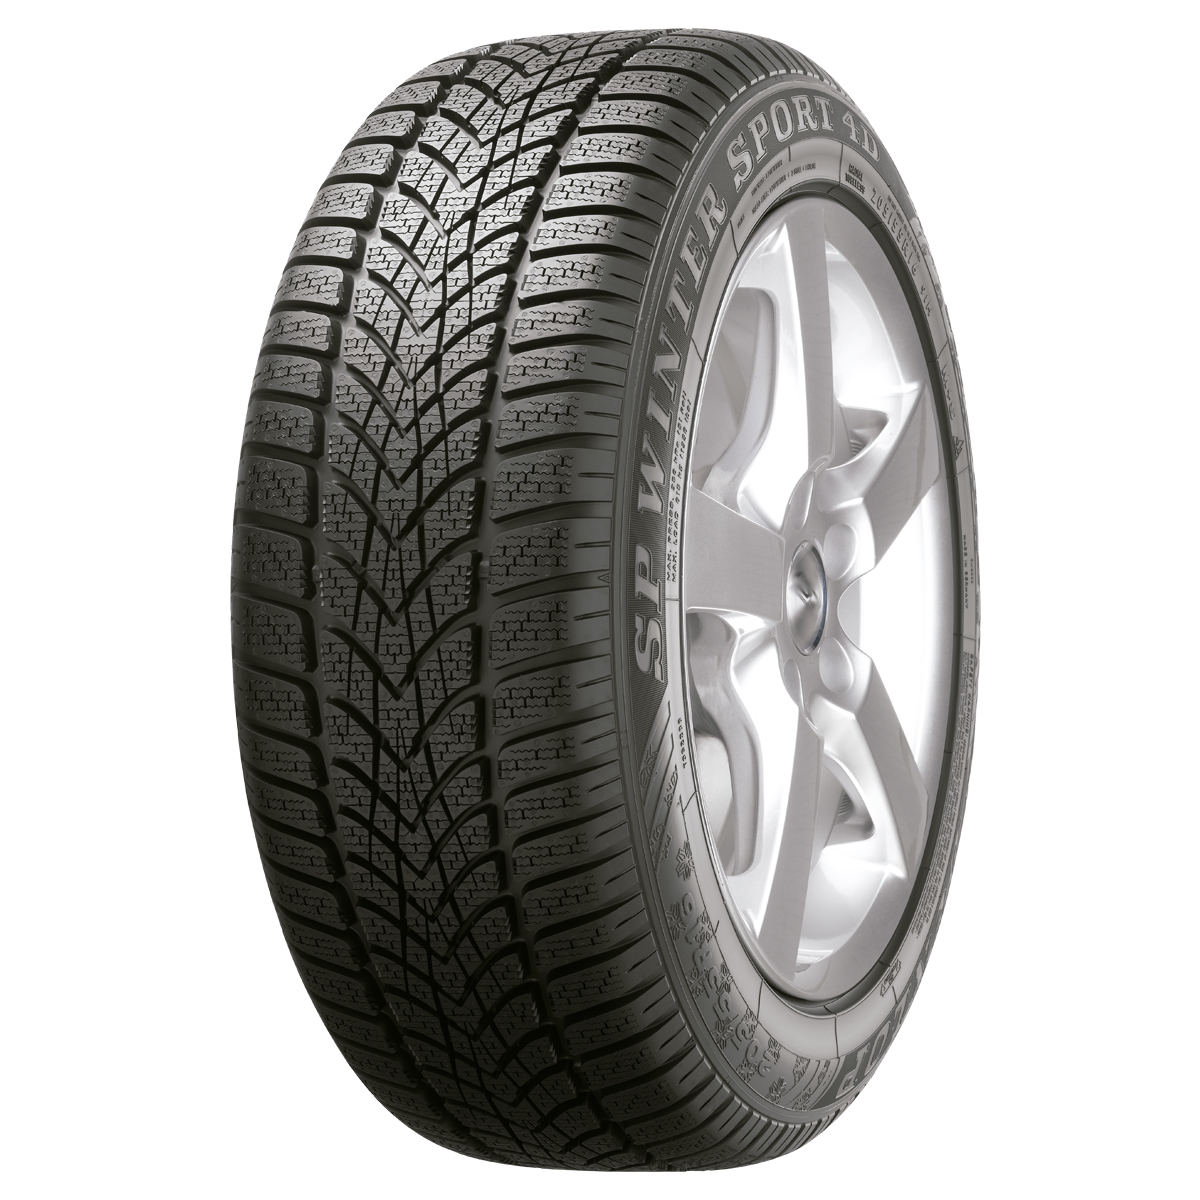 195/65R15 91H, Dunlop, Sport 4D MS